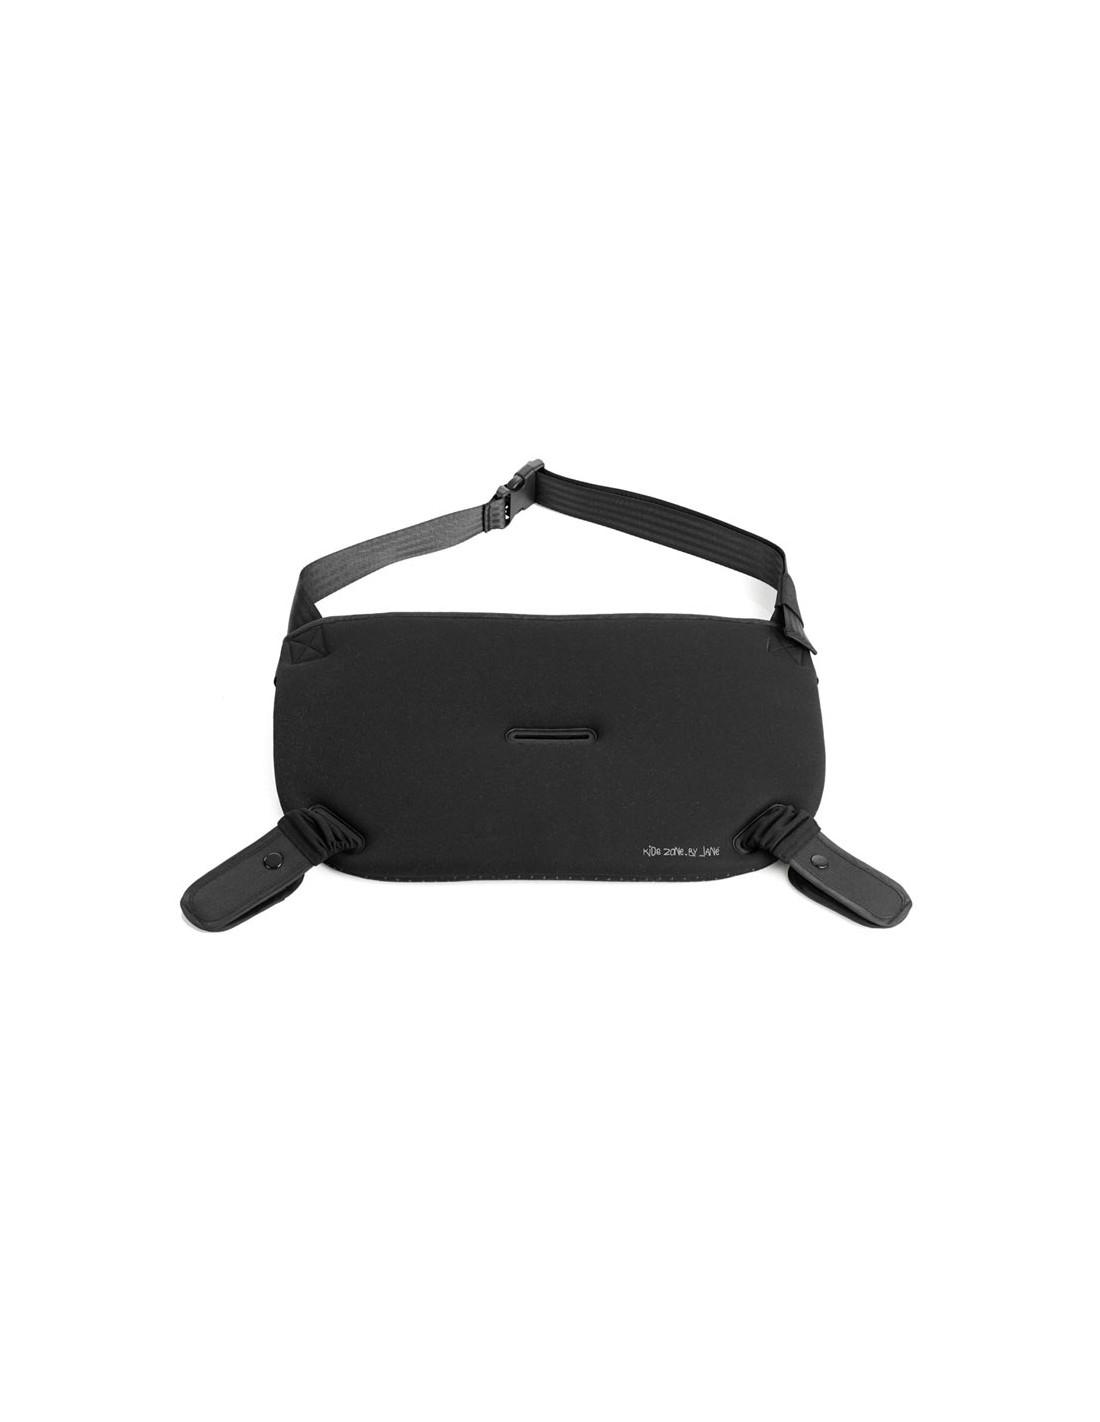 jan safe belt ceinture de s curit pour femmes enceintes. Black Bedroom Furniture Sets. Home Design Ideas